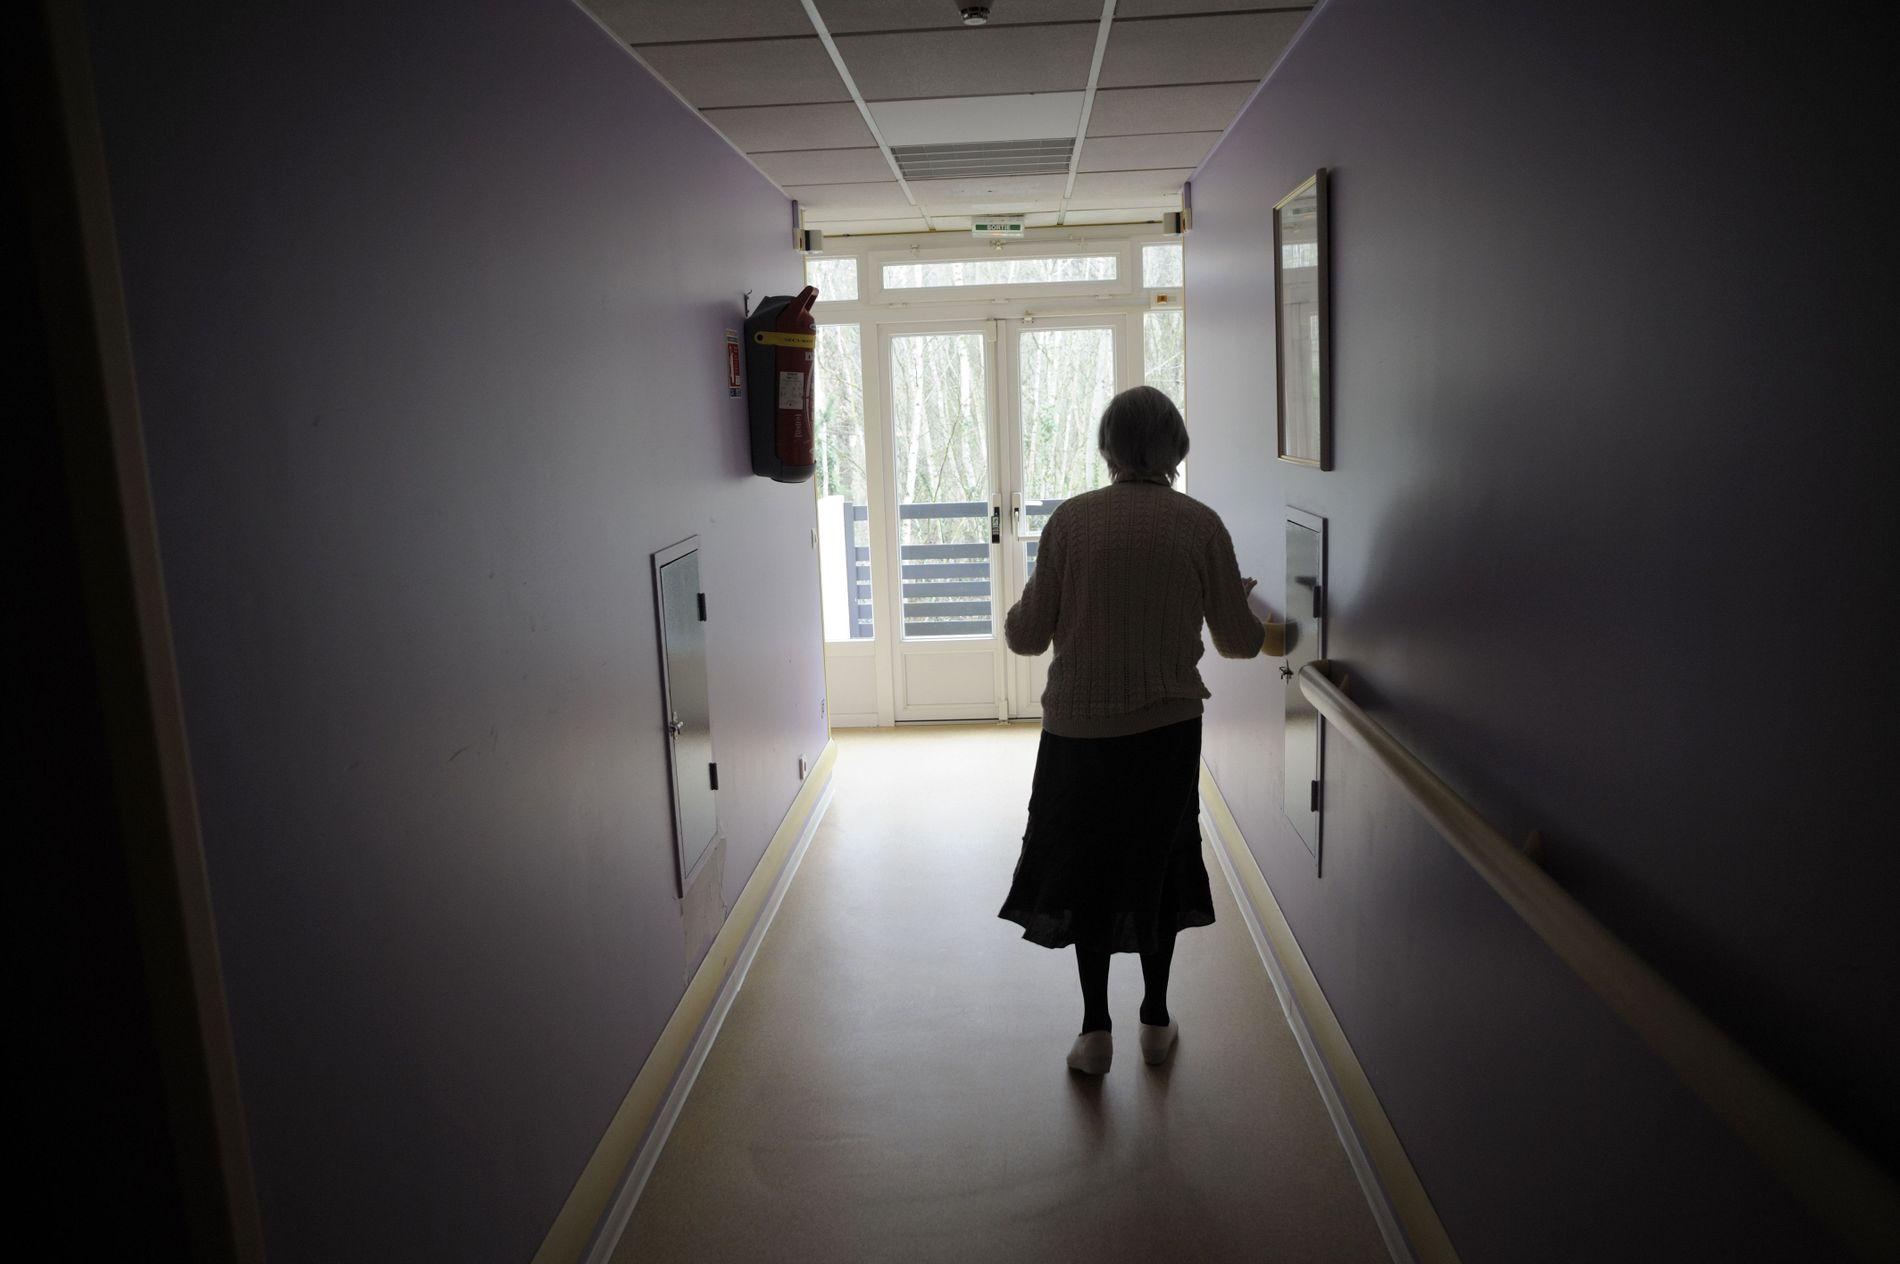 FEIL SPOR: I 25 år har forskerne forsøkt å fjerne plakk i hjernen til Alzheimers-pasienter, i den tro at det er årsaken til den fryktede sykdommen. Men behandlingen virker ikke. Nå frykter noen at teorien kan være feil. FOTO: Sebastien Bozon/AFP